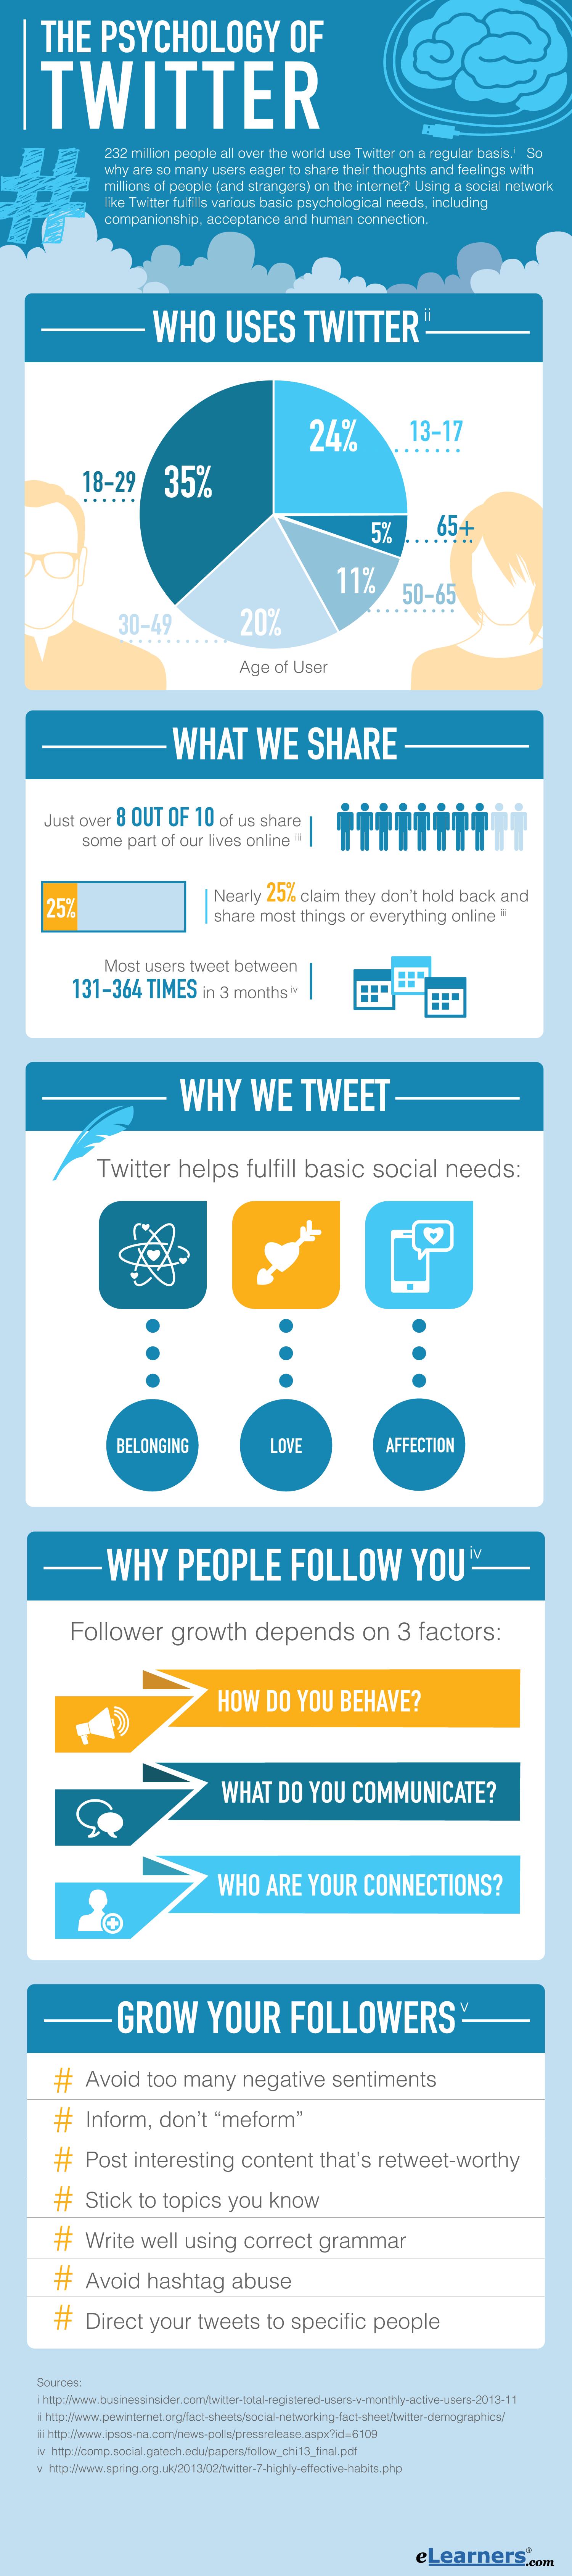 7 wichtige Faktoren für mehr Erfolg auf Twitter